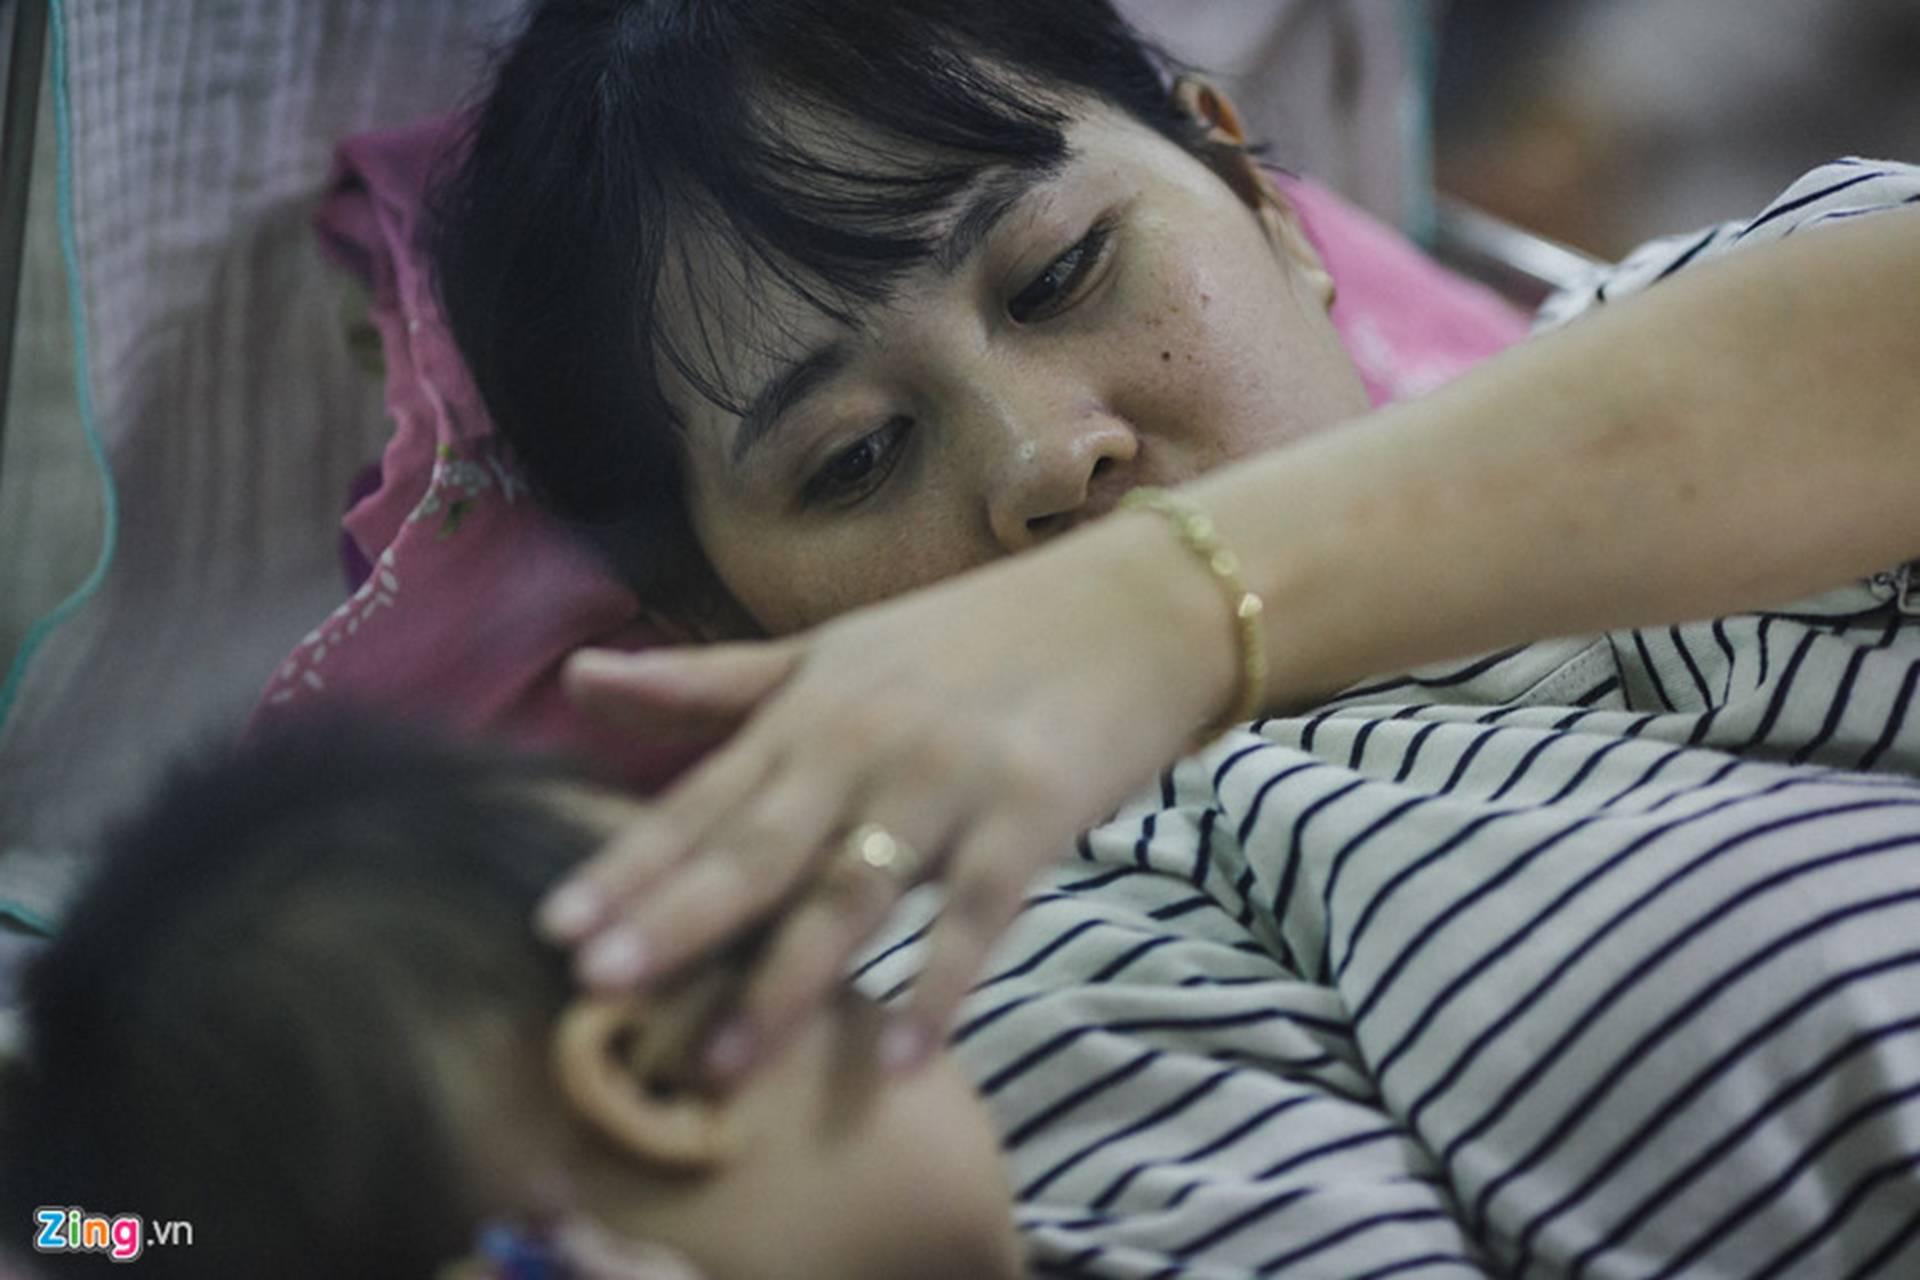 Bệnh viện Nhi ở Sài Gòn vỡ trận vì dịch chồng dịch-36